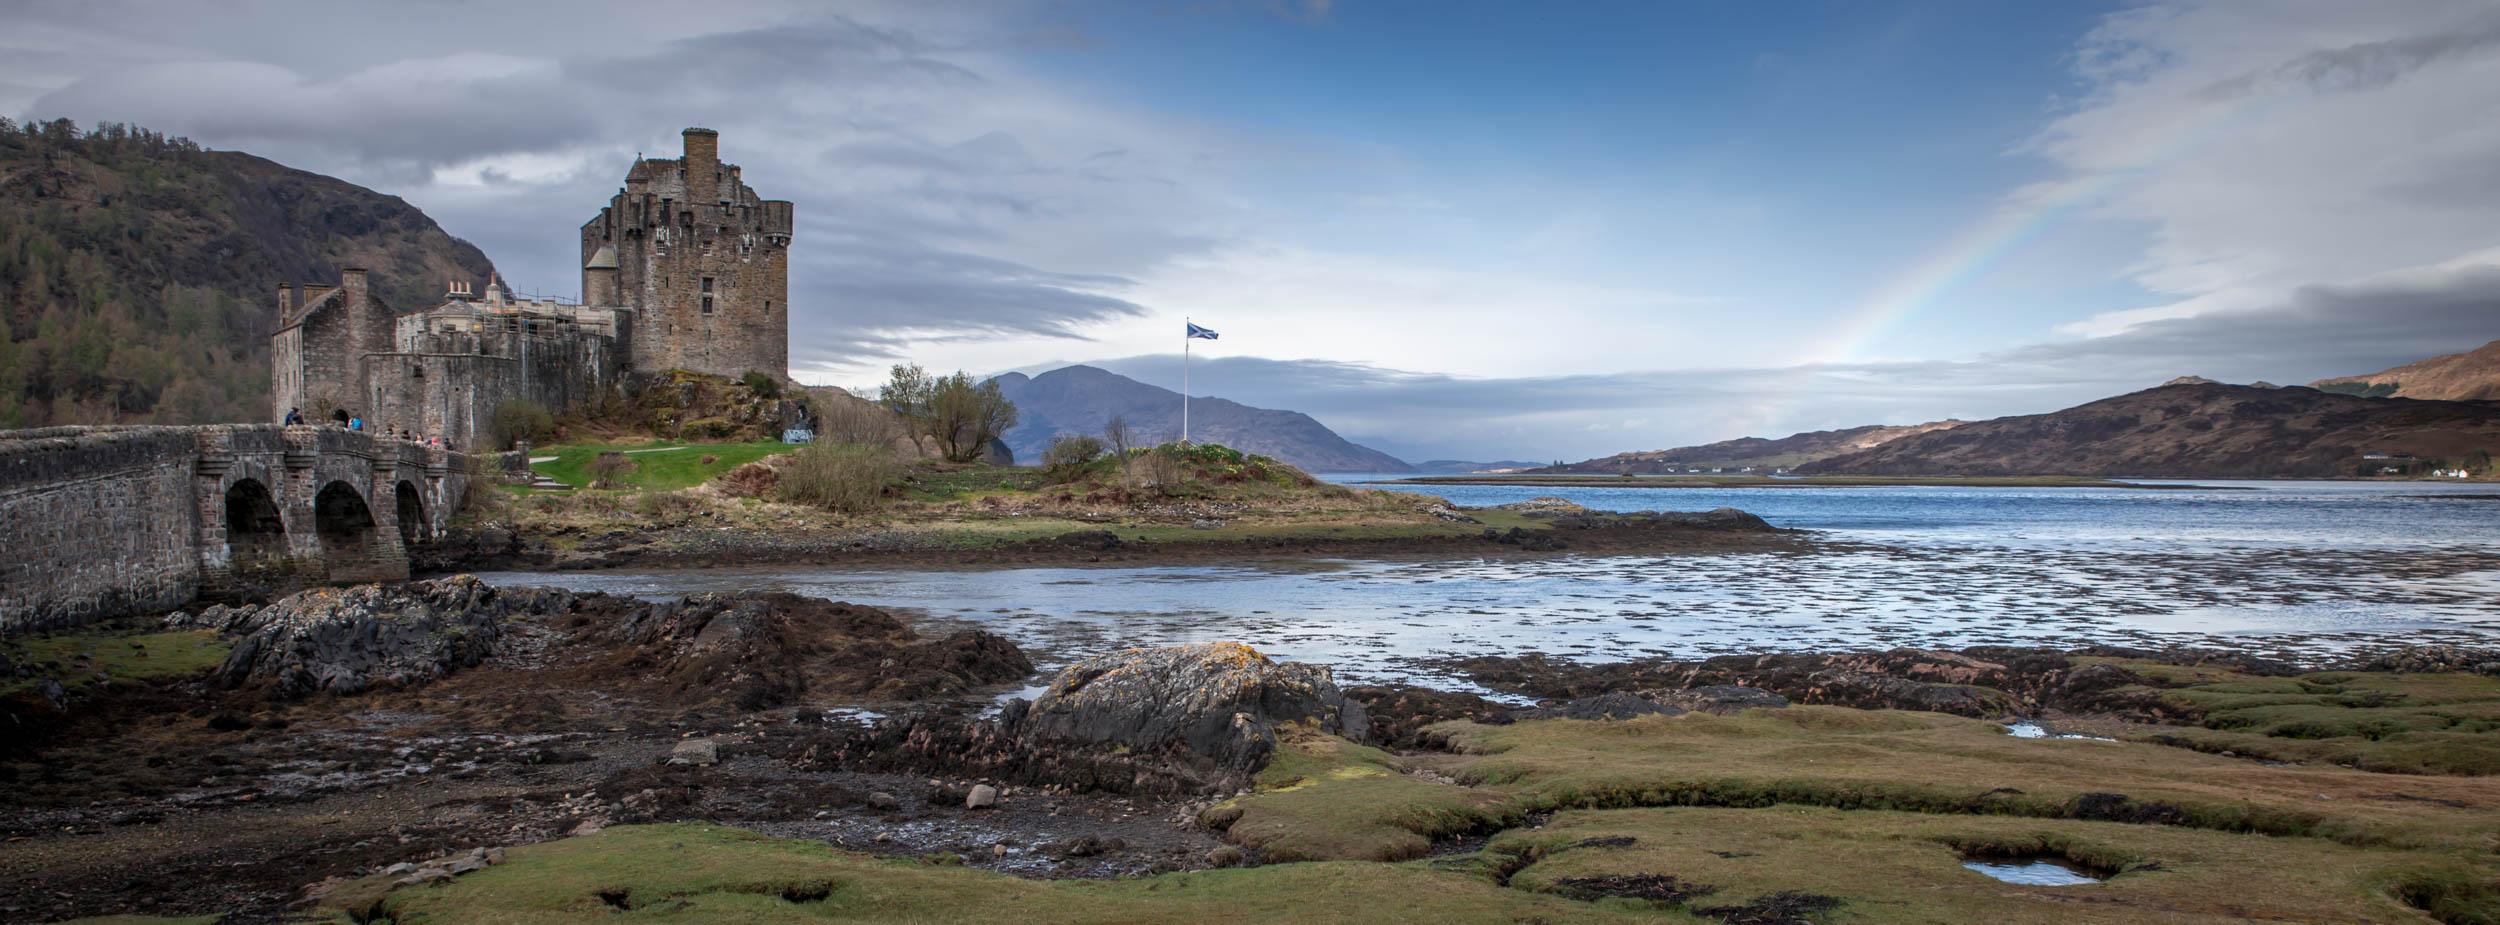 Eilean-Donan-Castle-8975.jpg